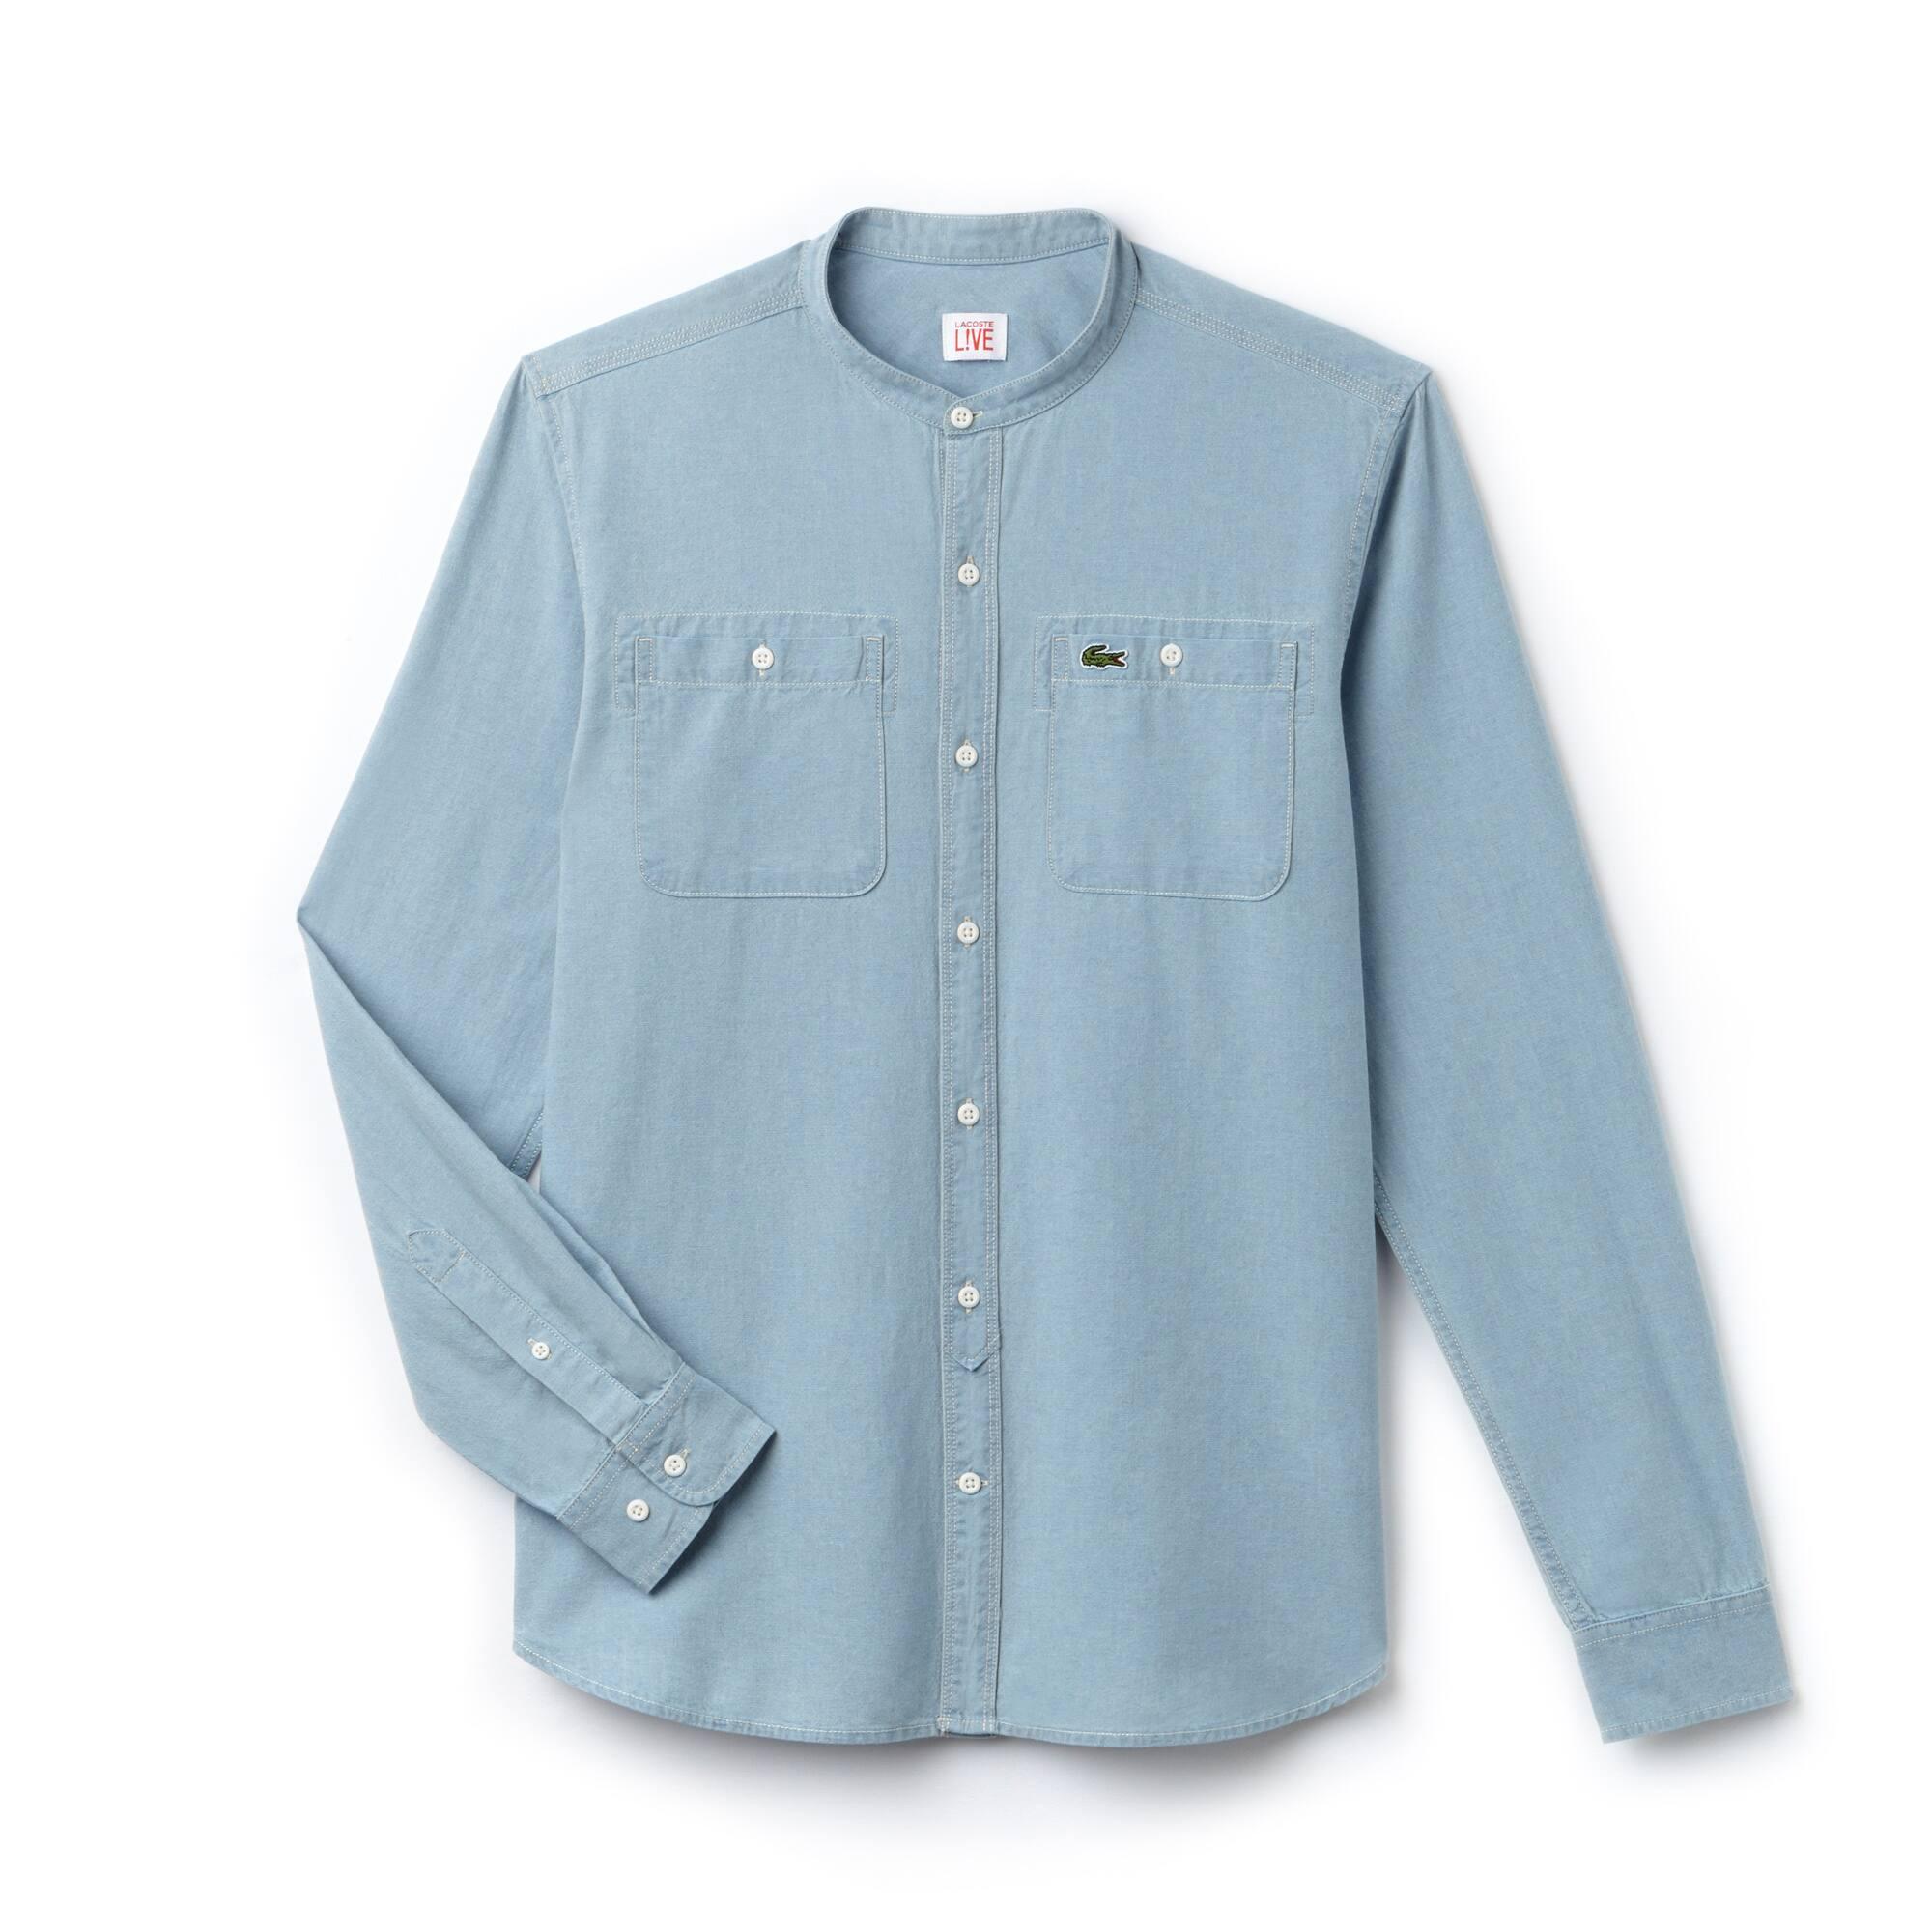 Camisa oficial Skinny fit Lacoste LIVE de cambray de algodón liso